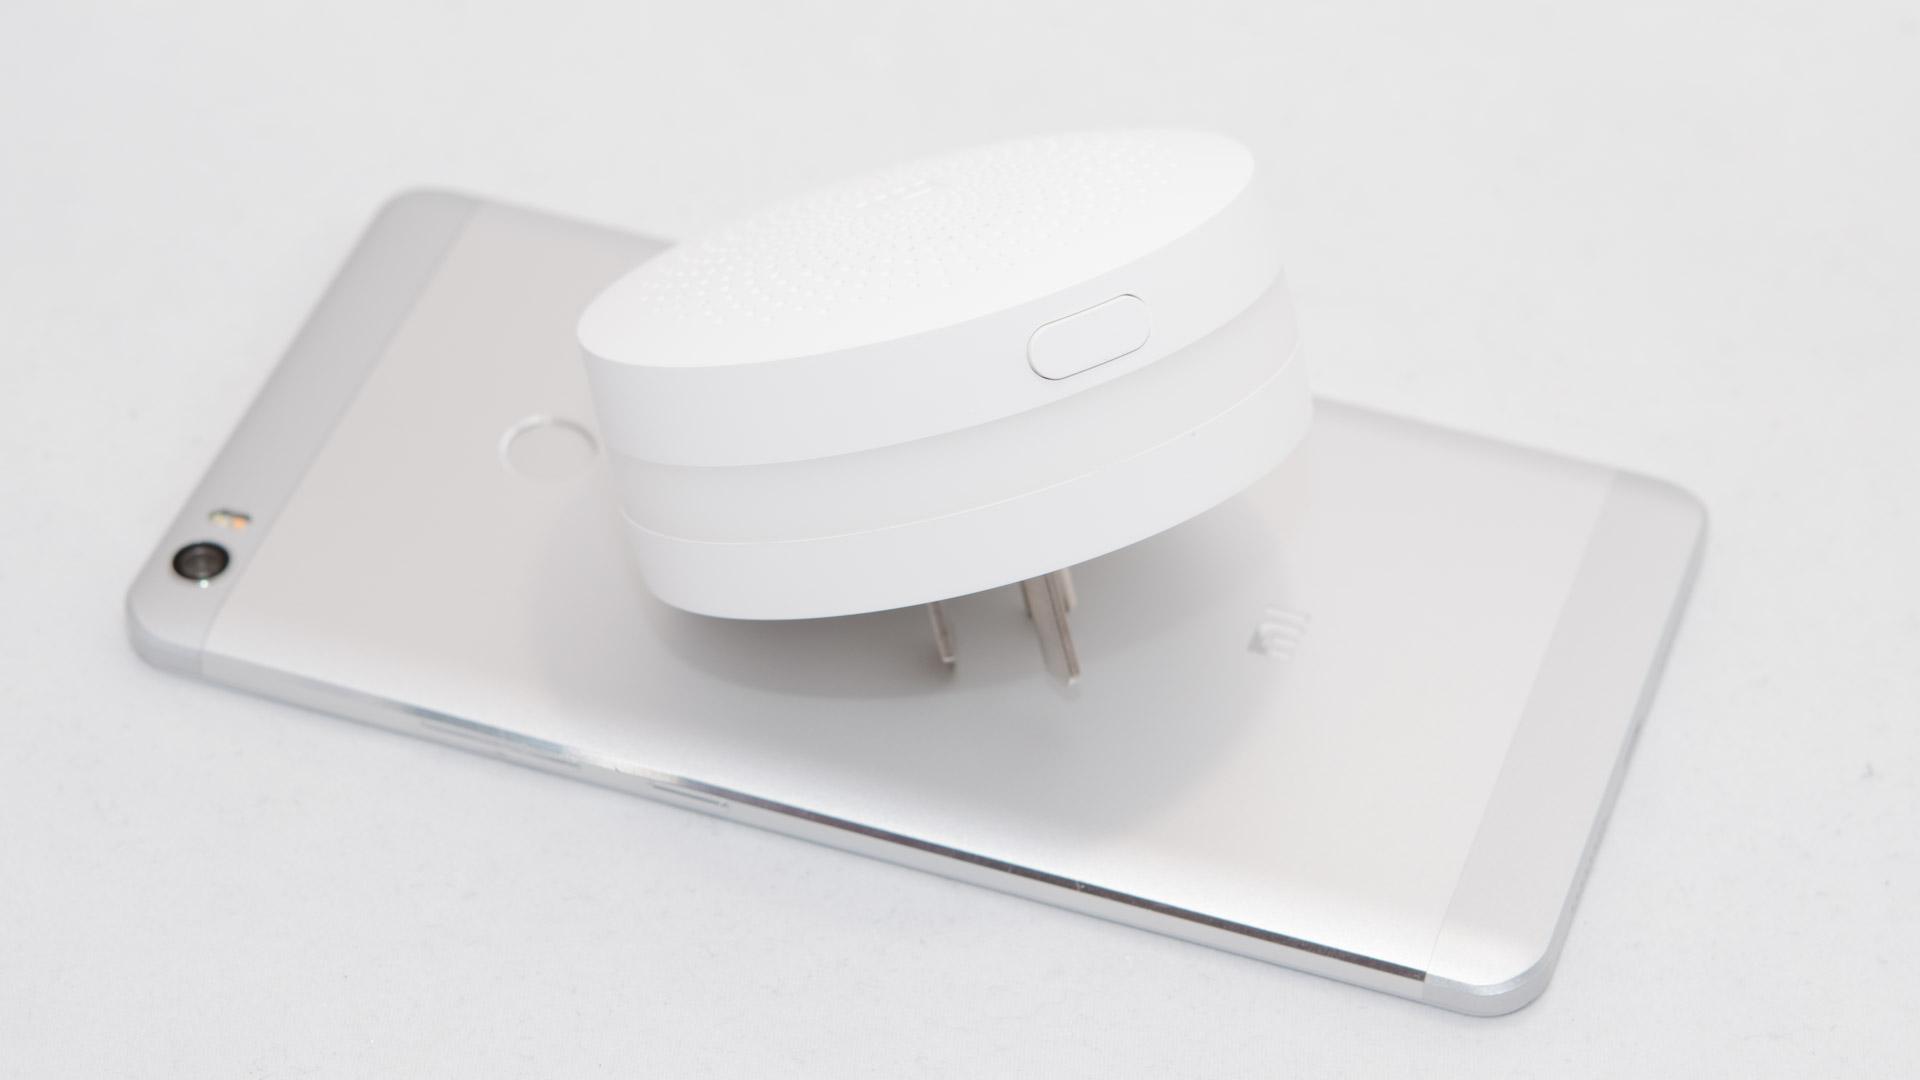 g nstiges smart home von xiaomi das xiaomi mi smart gateway im test techtest. Black Bedroom Furniture Sets. Home Design Ideas